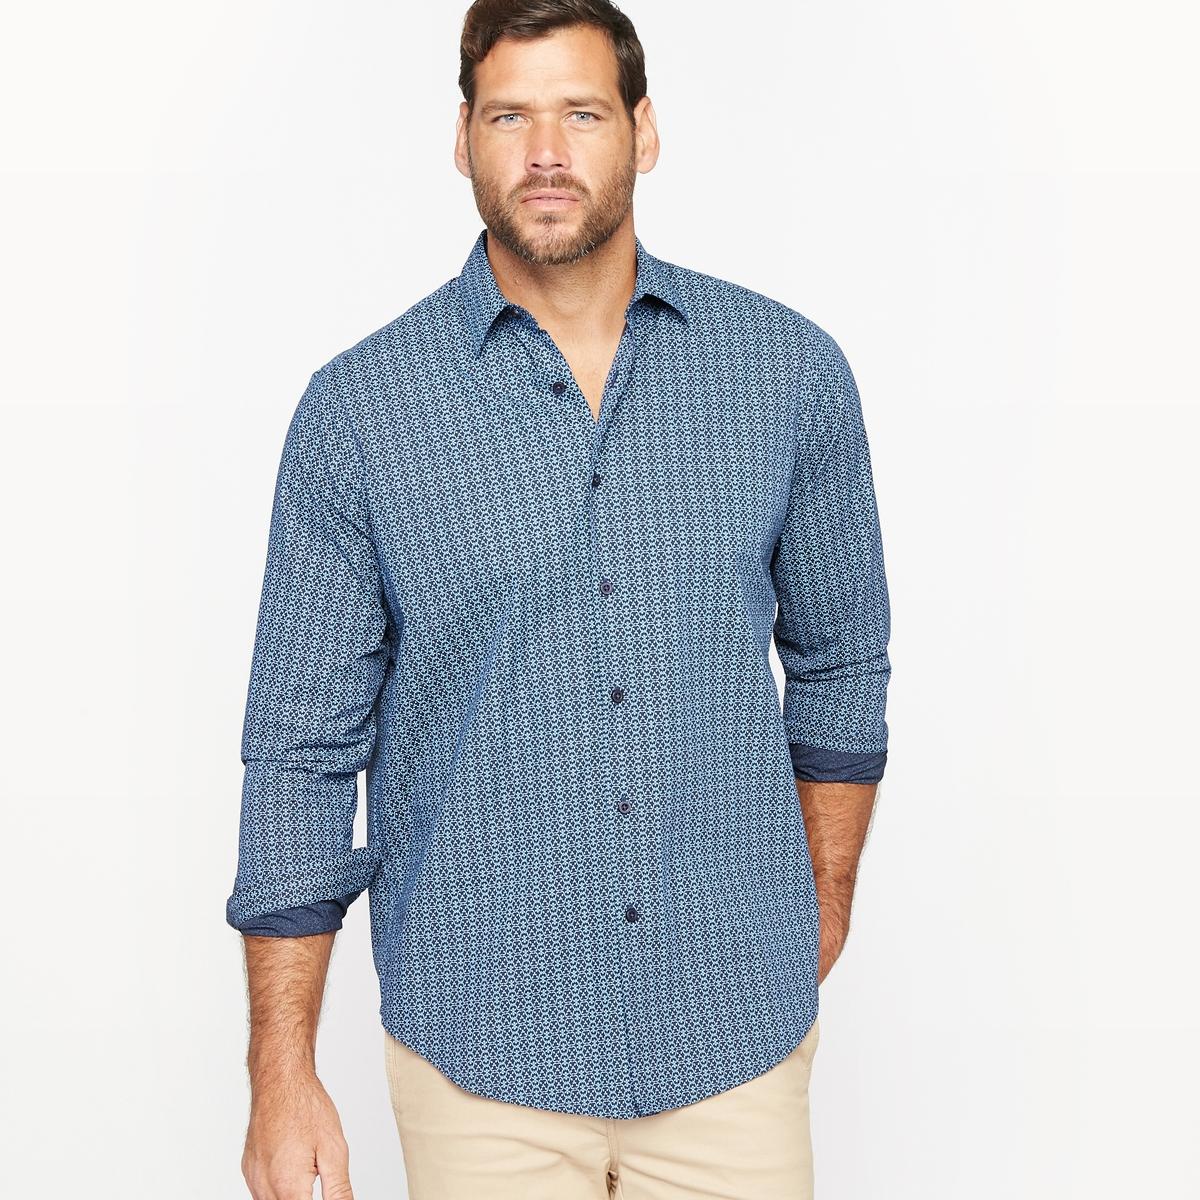 Рубашка с рисункомМатериал : Поплин из 100% хлопка.Длина передней части от 83 до 90 см в зависимости от размера.Марка : CASTALUNA FOR MEN.Уход : Машинная стирка при 30 °C.<br><br>Цвет: рисунок темно-синий<br>Размер: 49/50.51/52